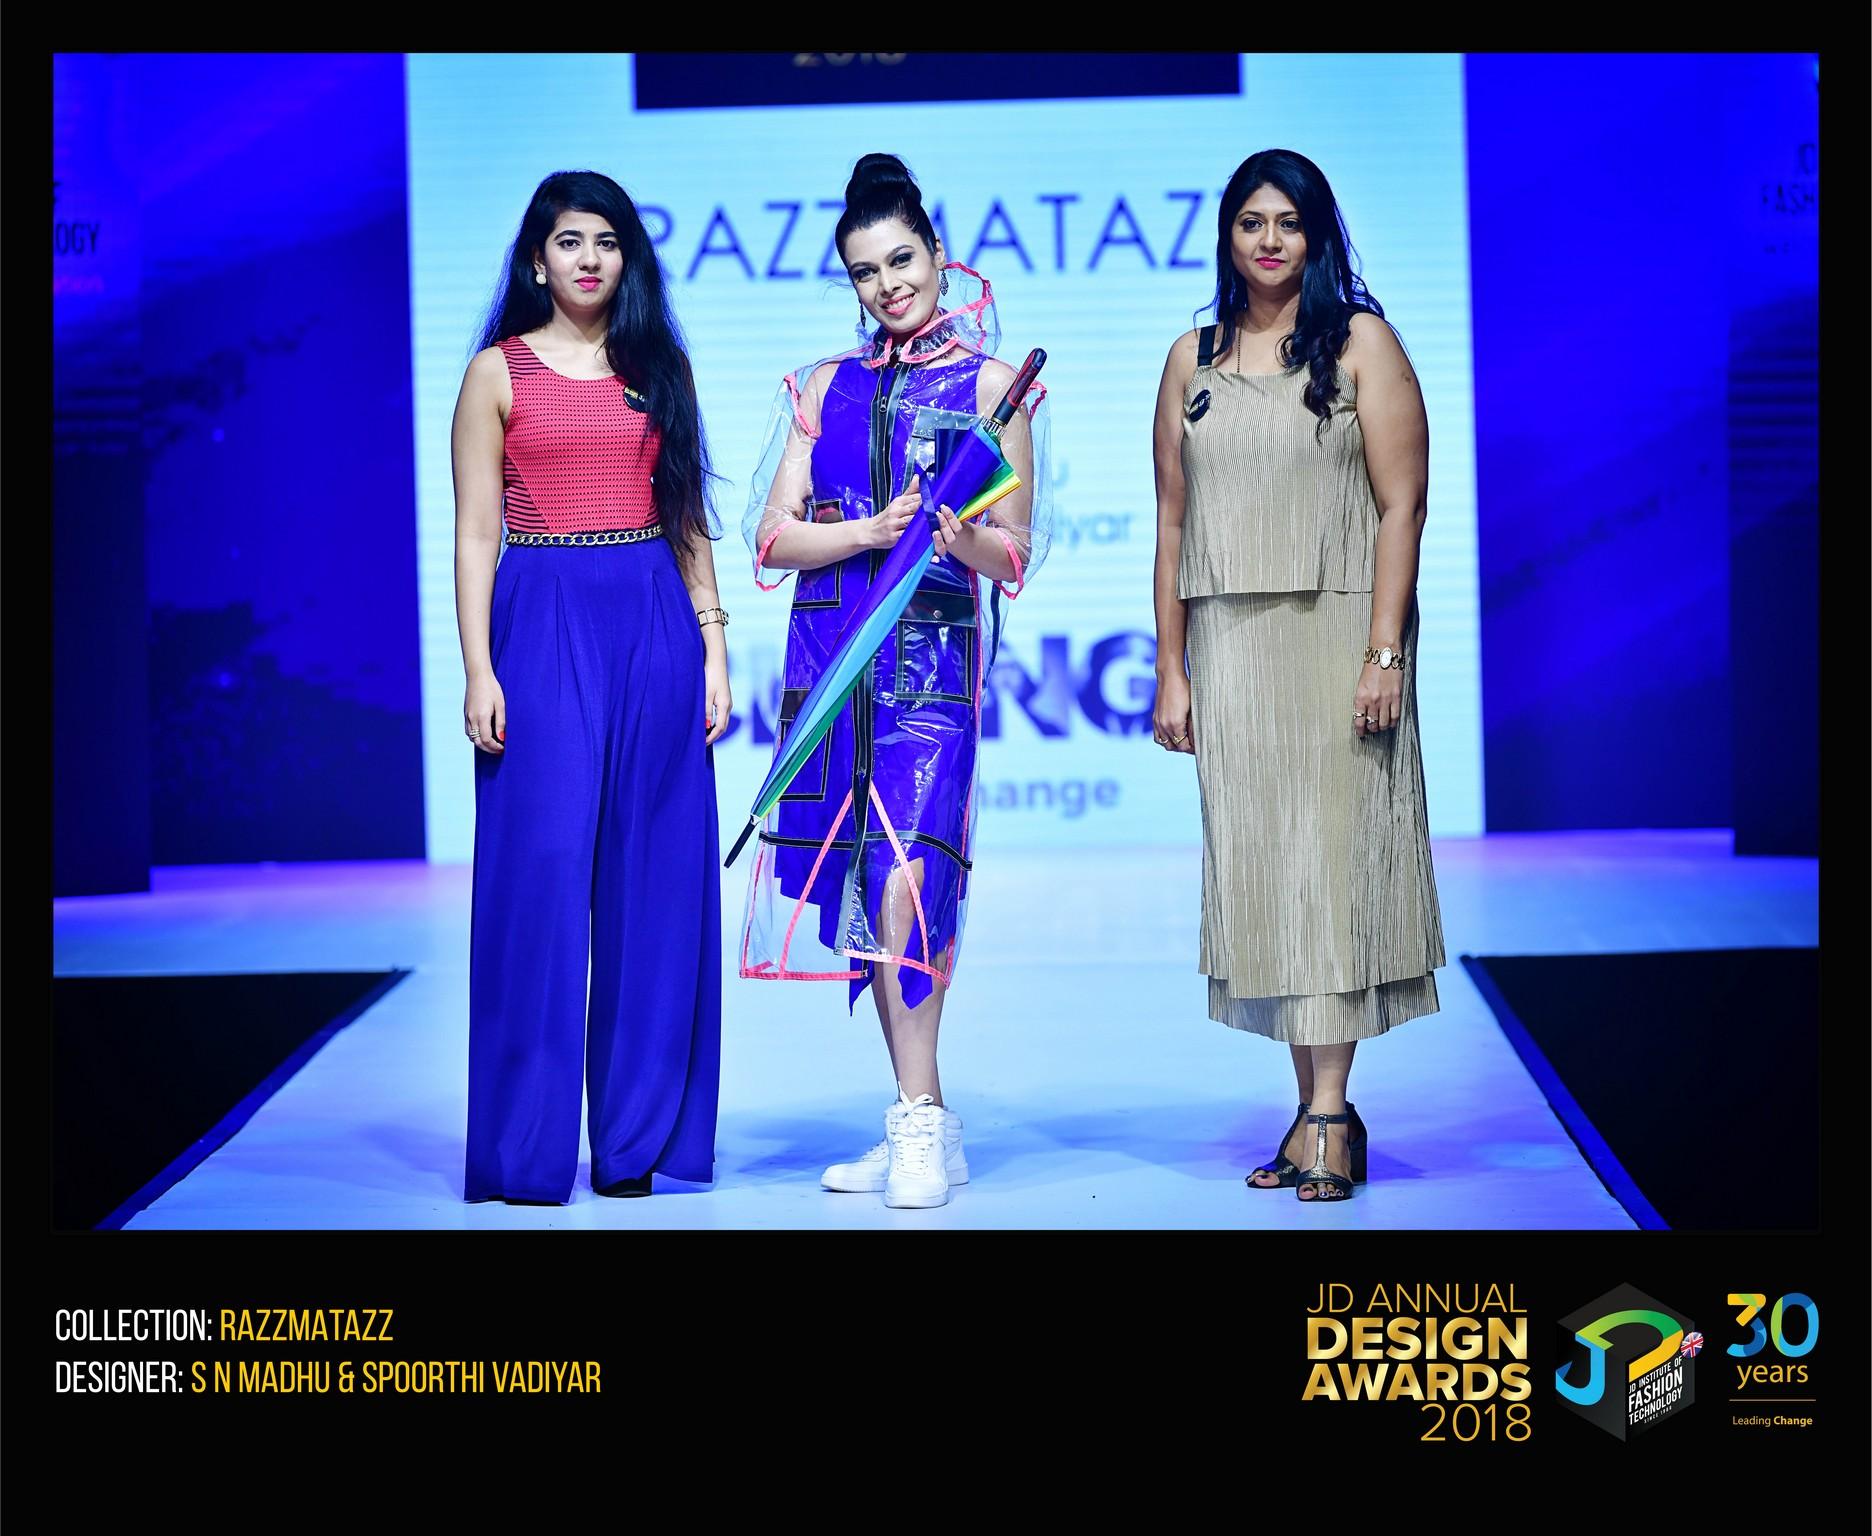 Razzmatazz – Change – JD Annual Design Awards 2018 | Designer: Madhu and Spoorthi | Photography : Jerin Nath (@jerin_nath) razzmatazz – change – jd annual design awards 2018 - RAZZMATAZZ 6 - Razzmatazz – Change – JD Annual Design Awards 2018